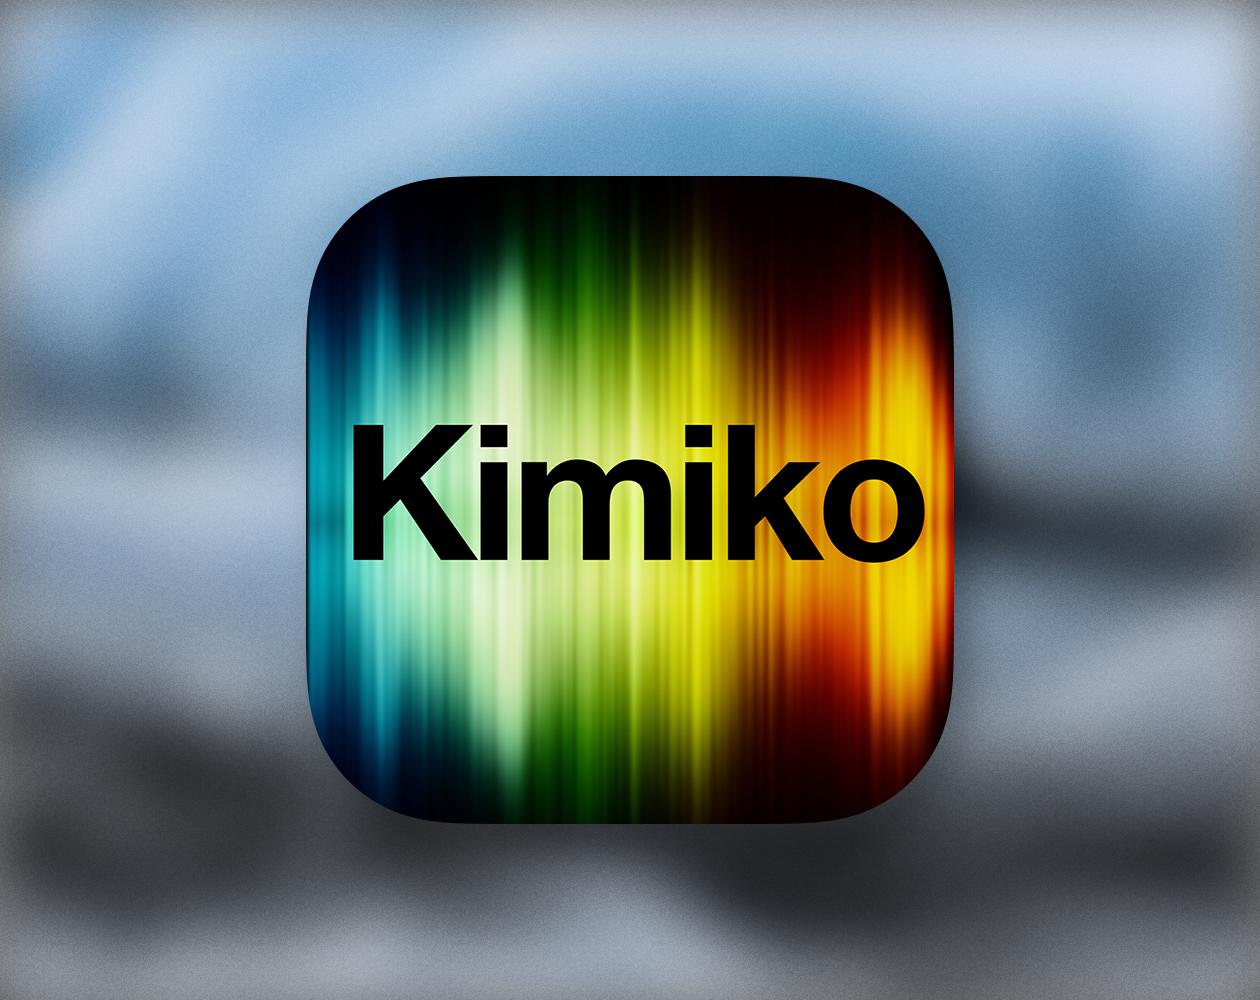 Kimiko для iOS — бесплатная камера для профессионалов